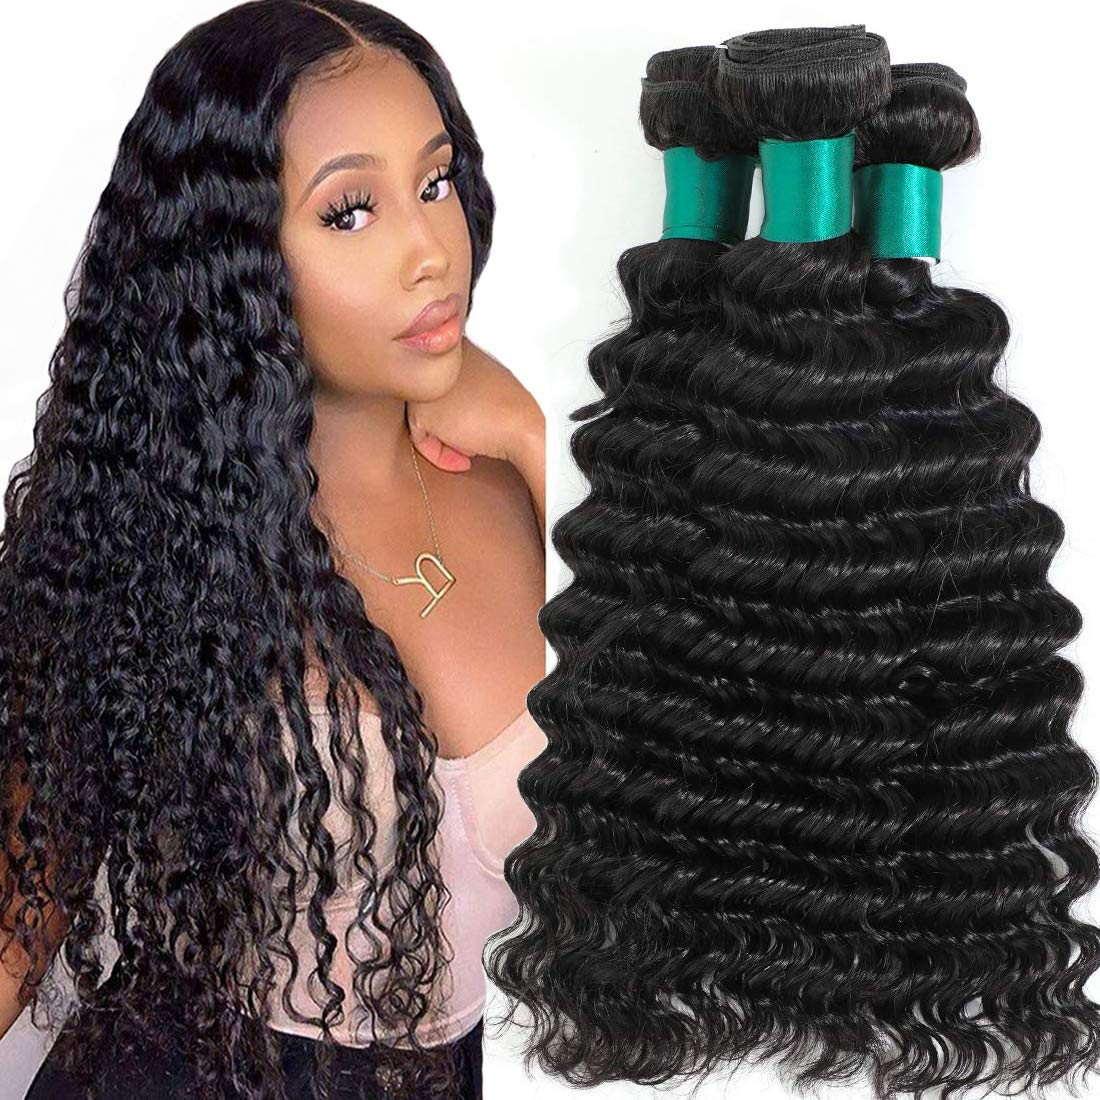 Misoun Brazilian Virgin Popularity Human Hair Cheap mail order specialty store Wave Bundles Deep 3 Unprocess